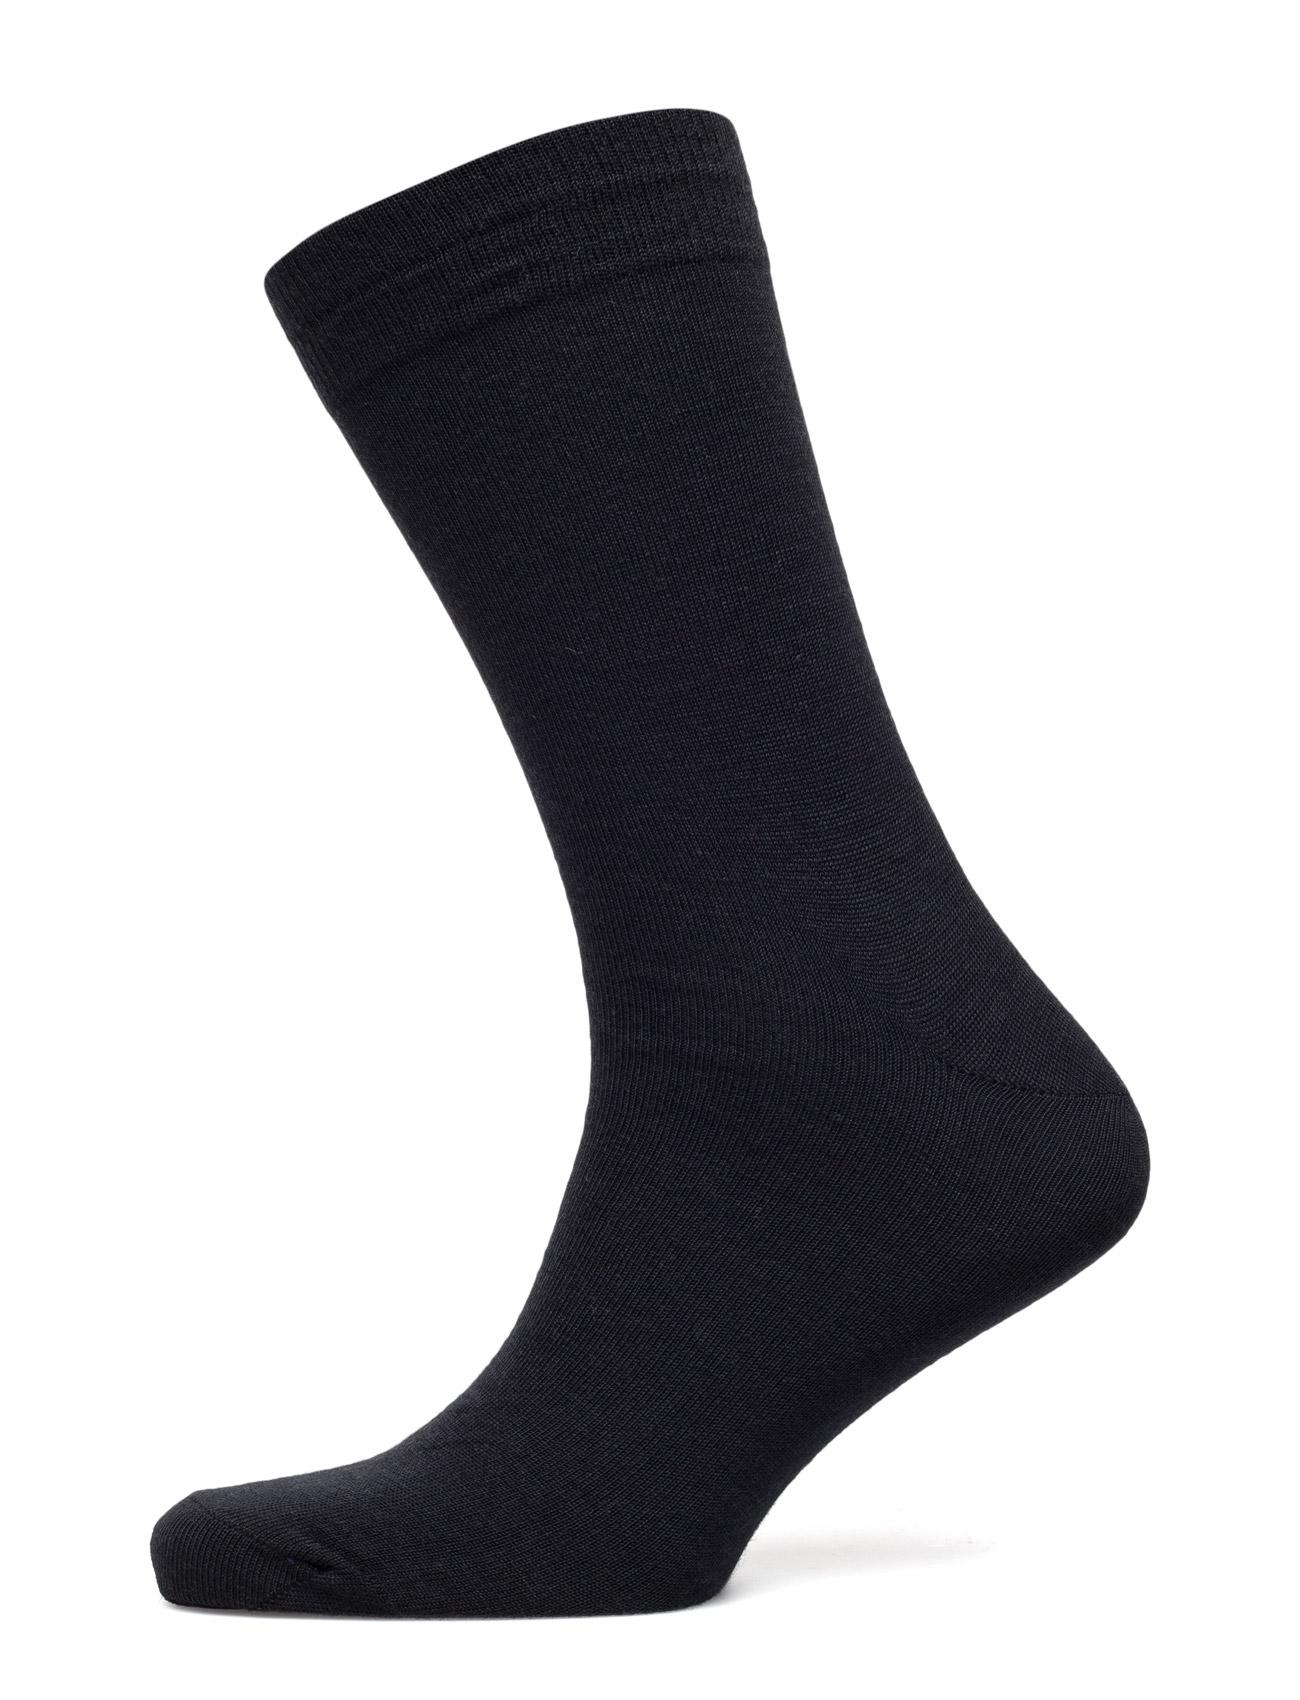 egtved – Egtved business socks på boozt.com dk